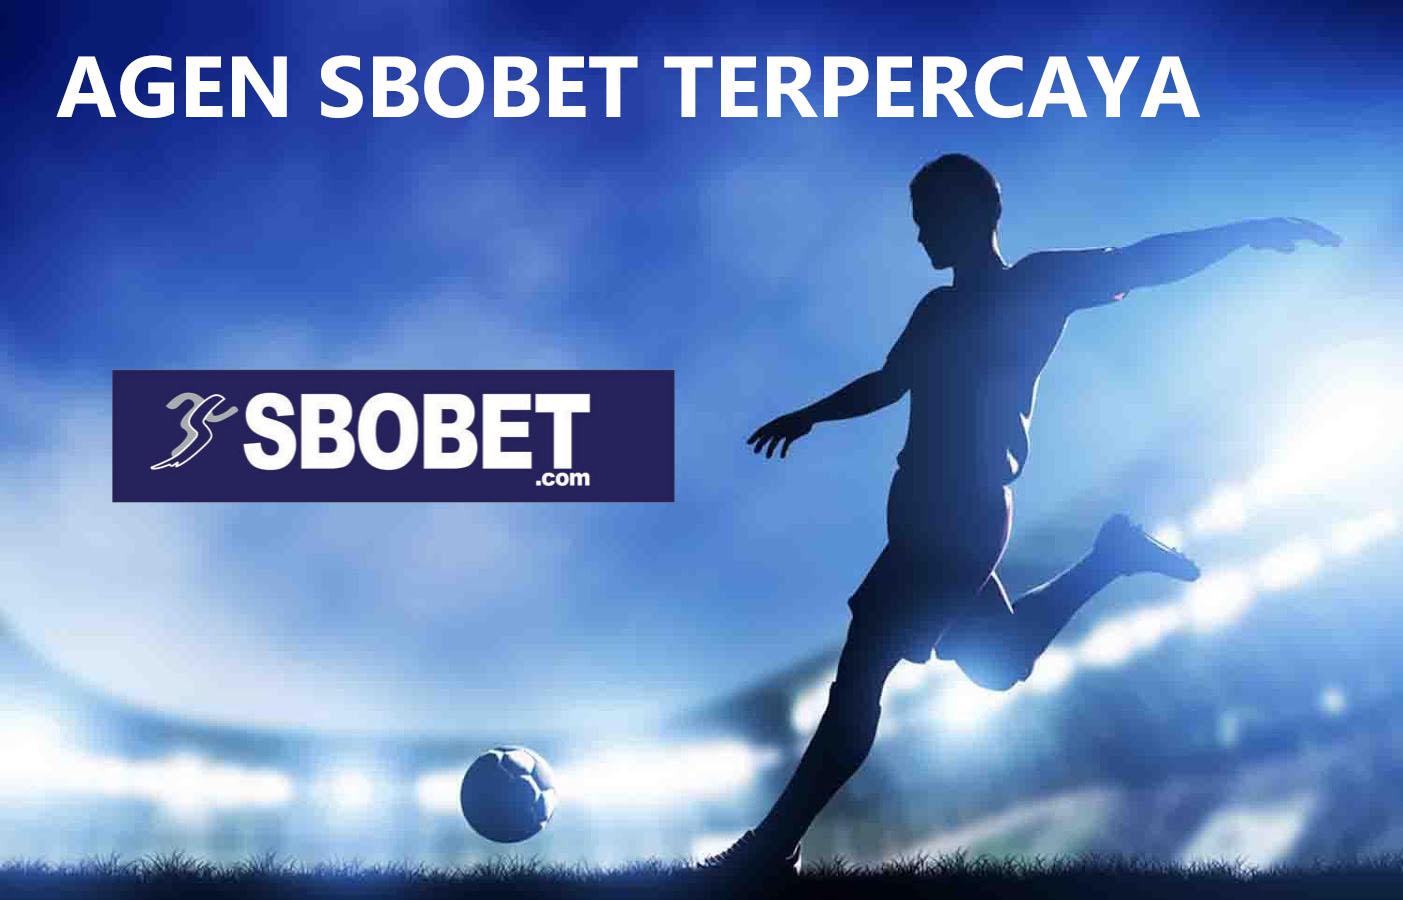 Best Sbobet Online Site In Indonesia Techclouds